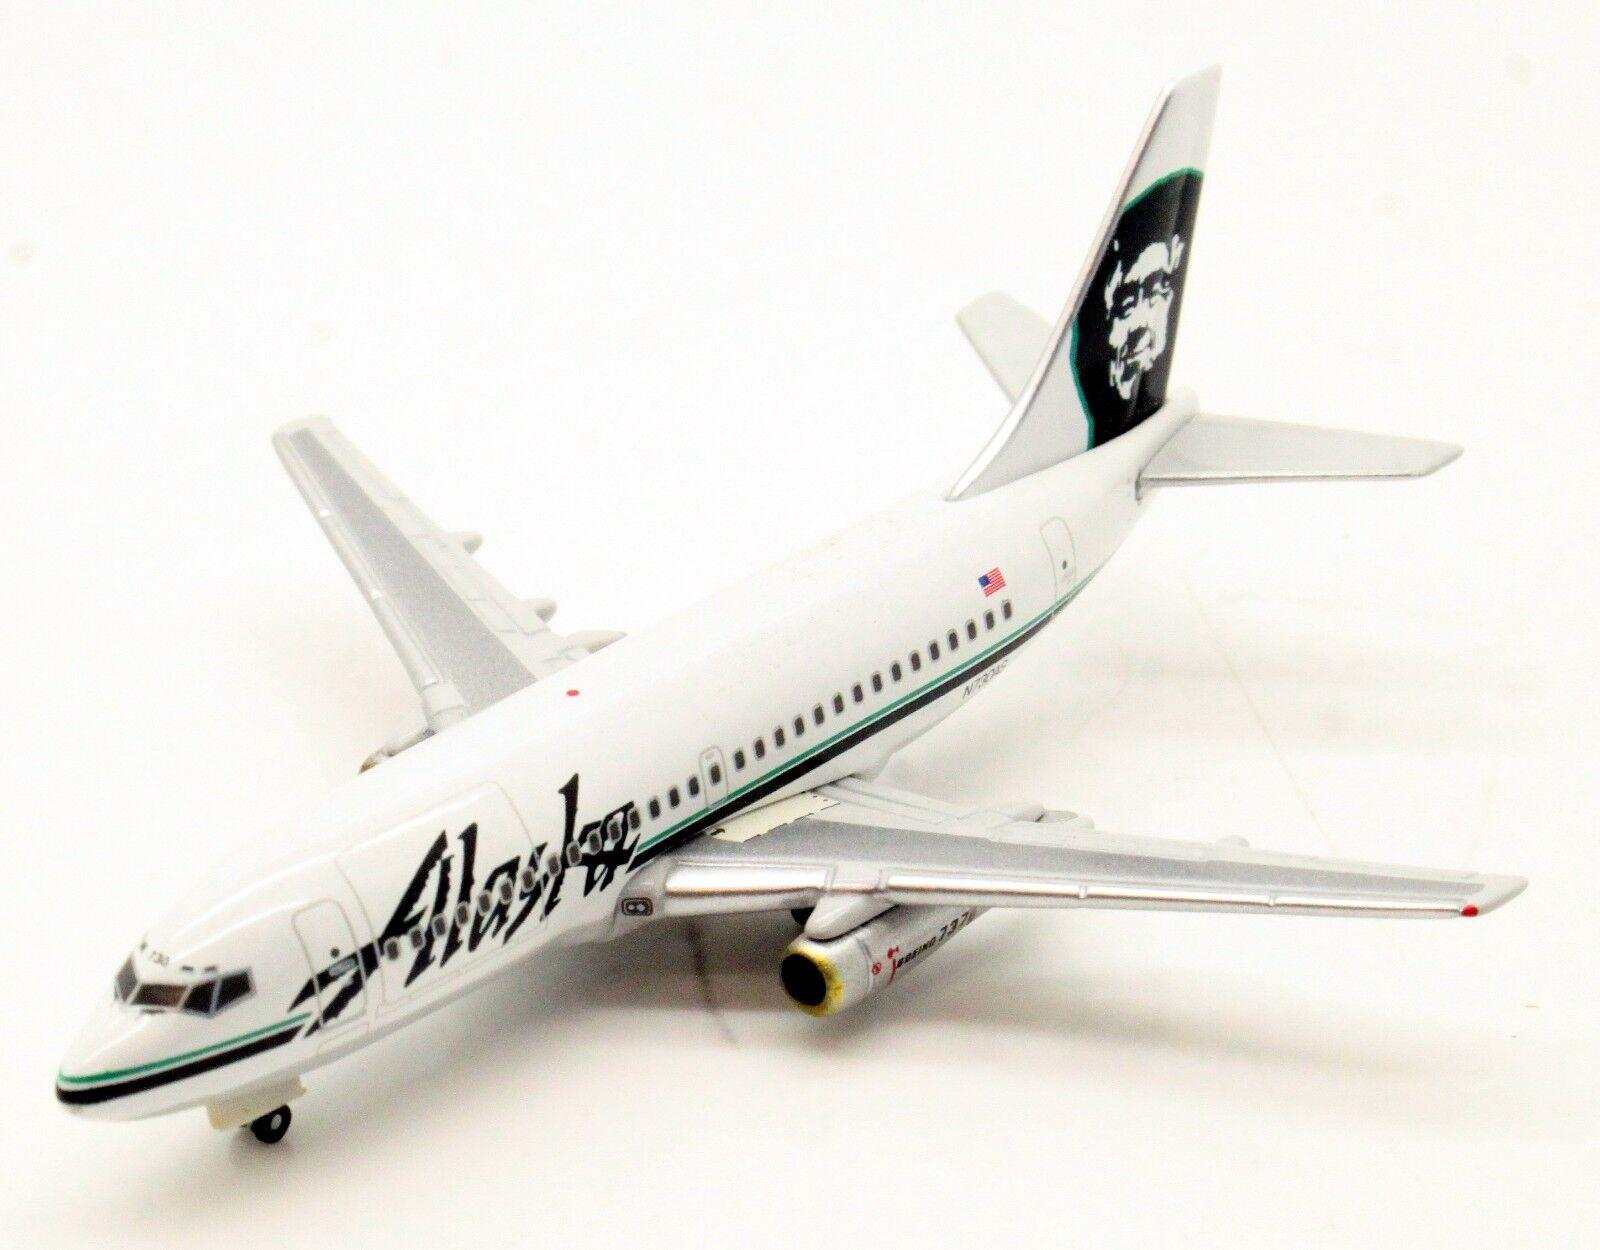 1 400 GEMINI JETS GJASA243A ALASKA BOEING 737-200 (U29)